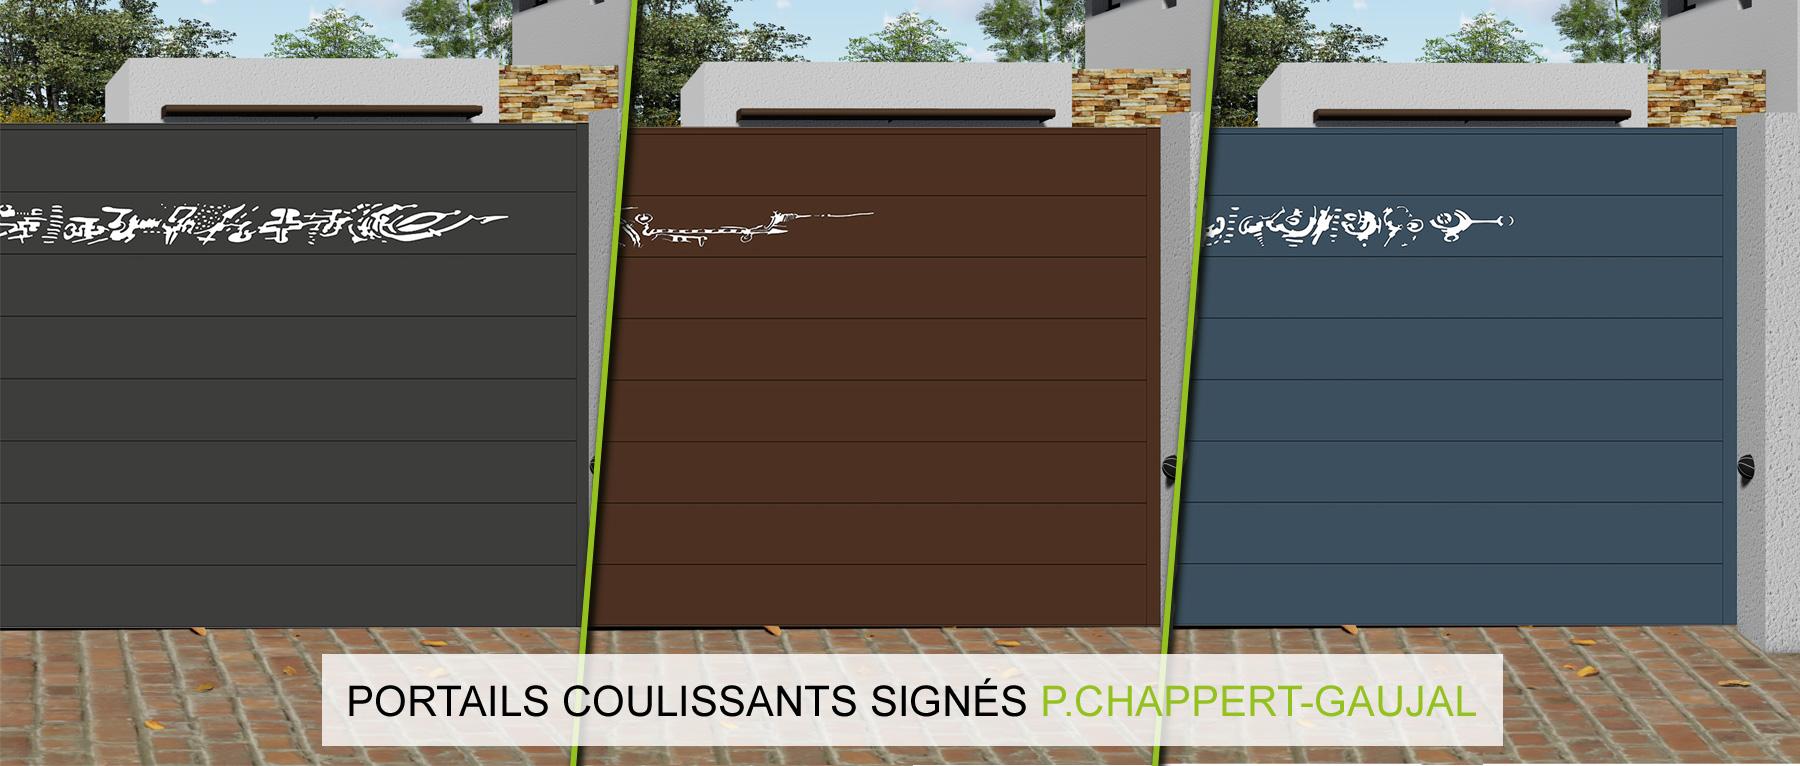 3 motifs de portail design créés par un artiste